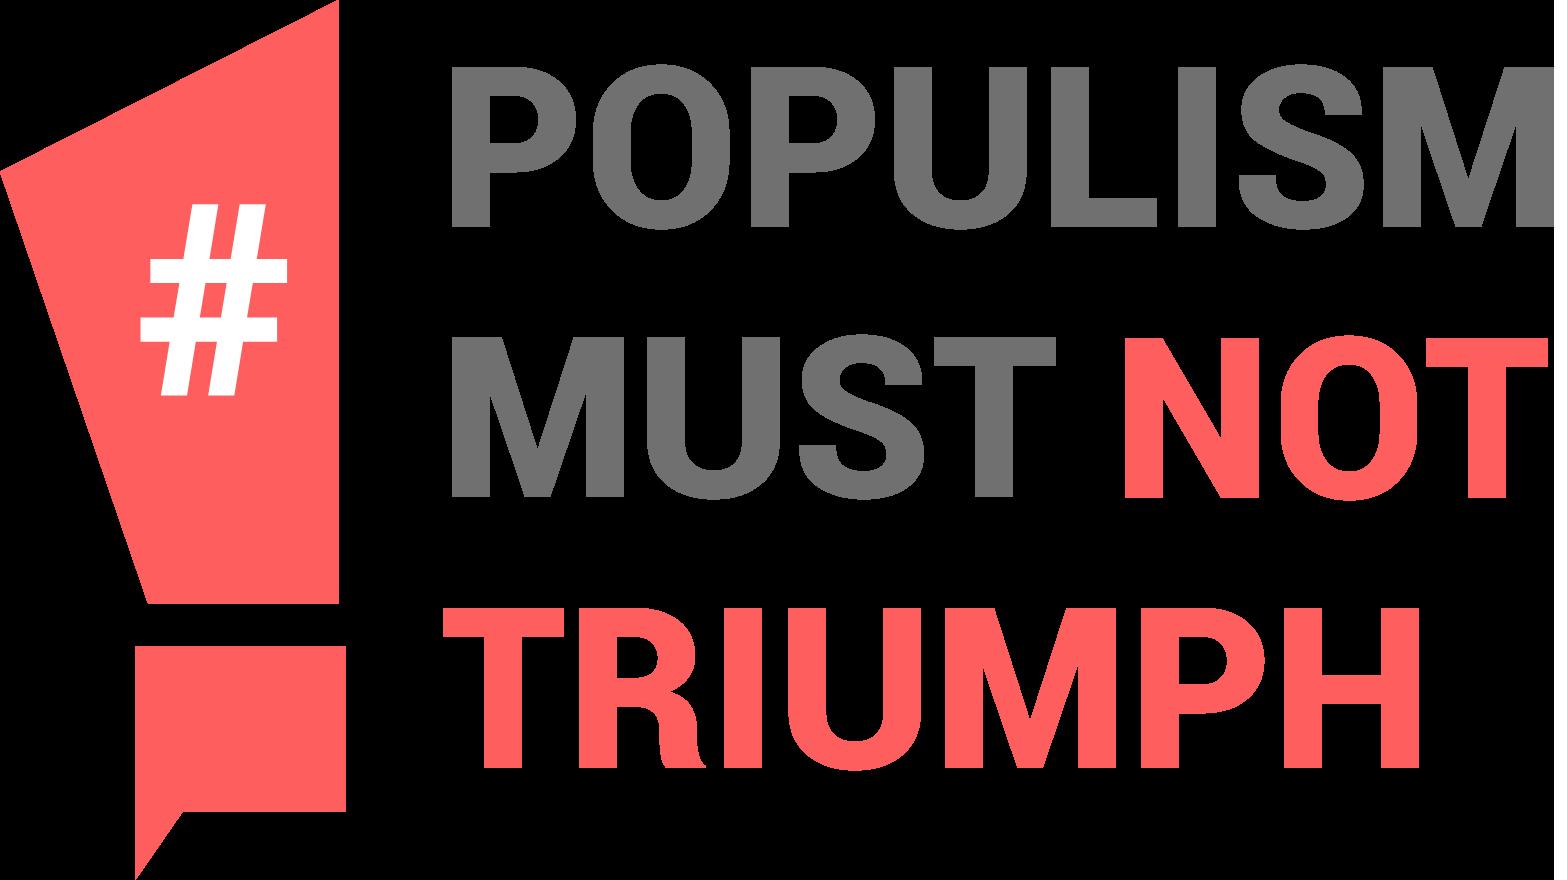 #PopulismMustNotTriumph